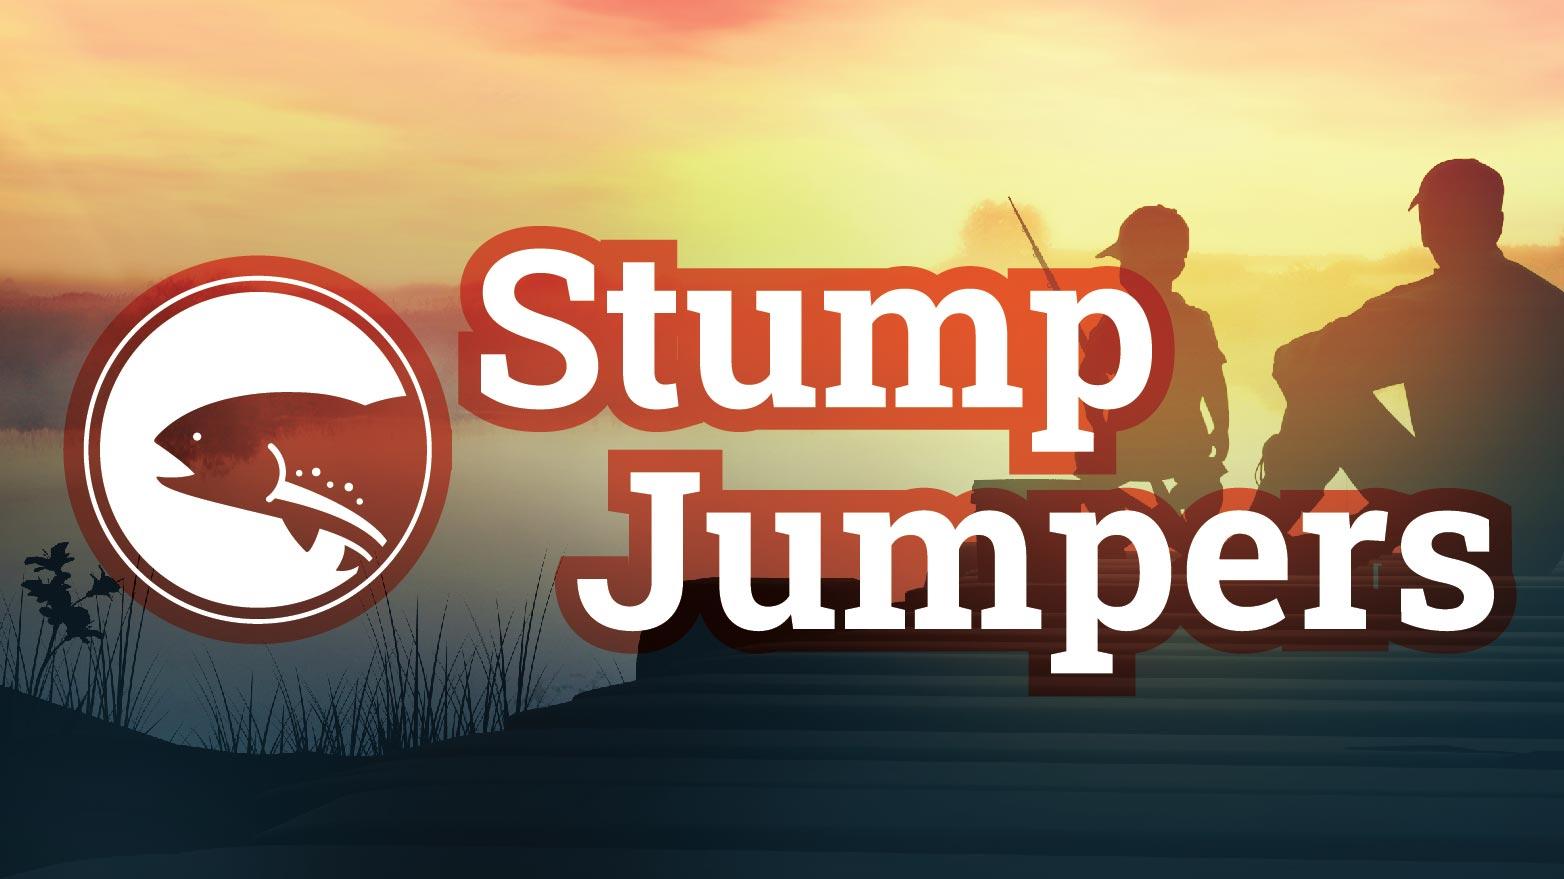 Stump Jumpers